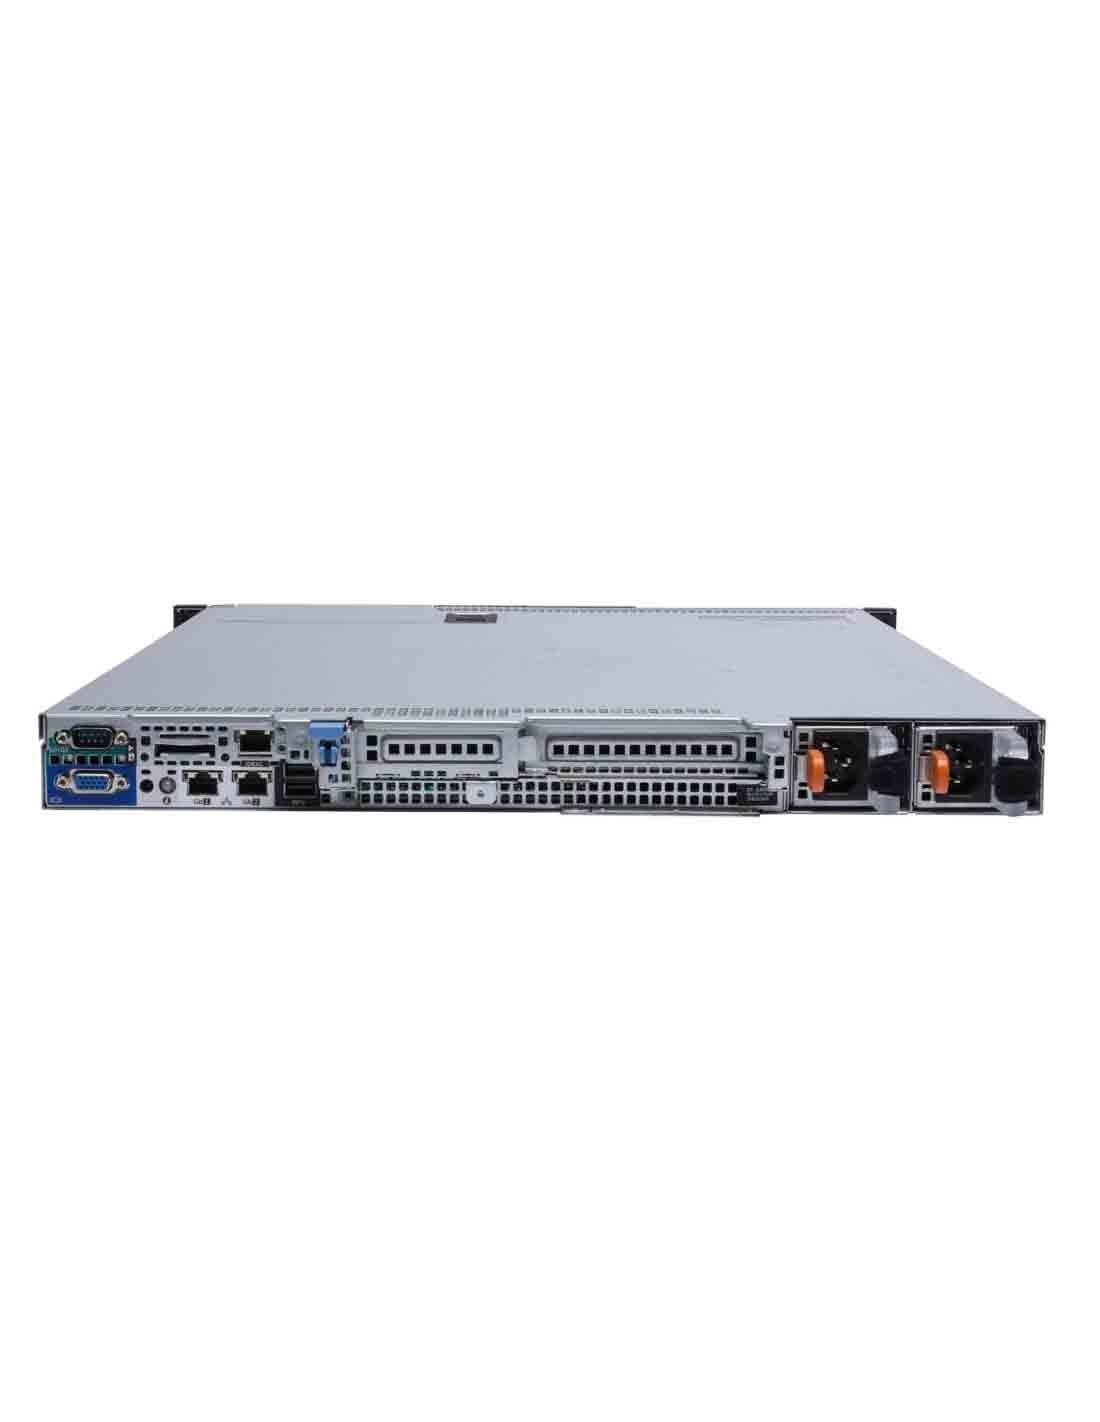 Dell PowerEdge R330 Rack Server E3-1240v5 Images and Photos